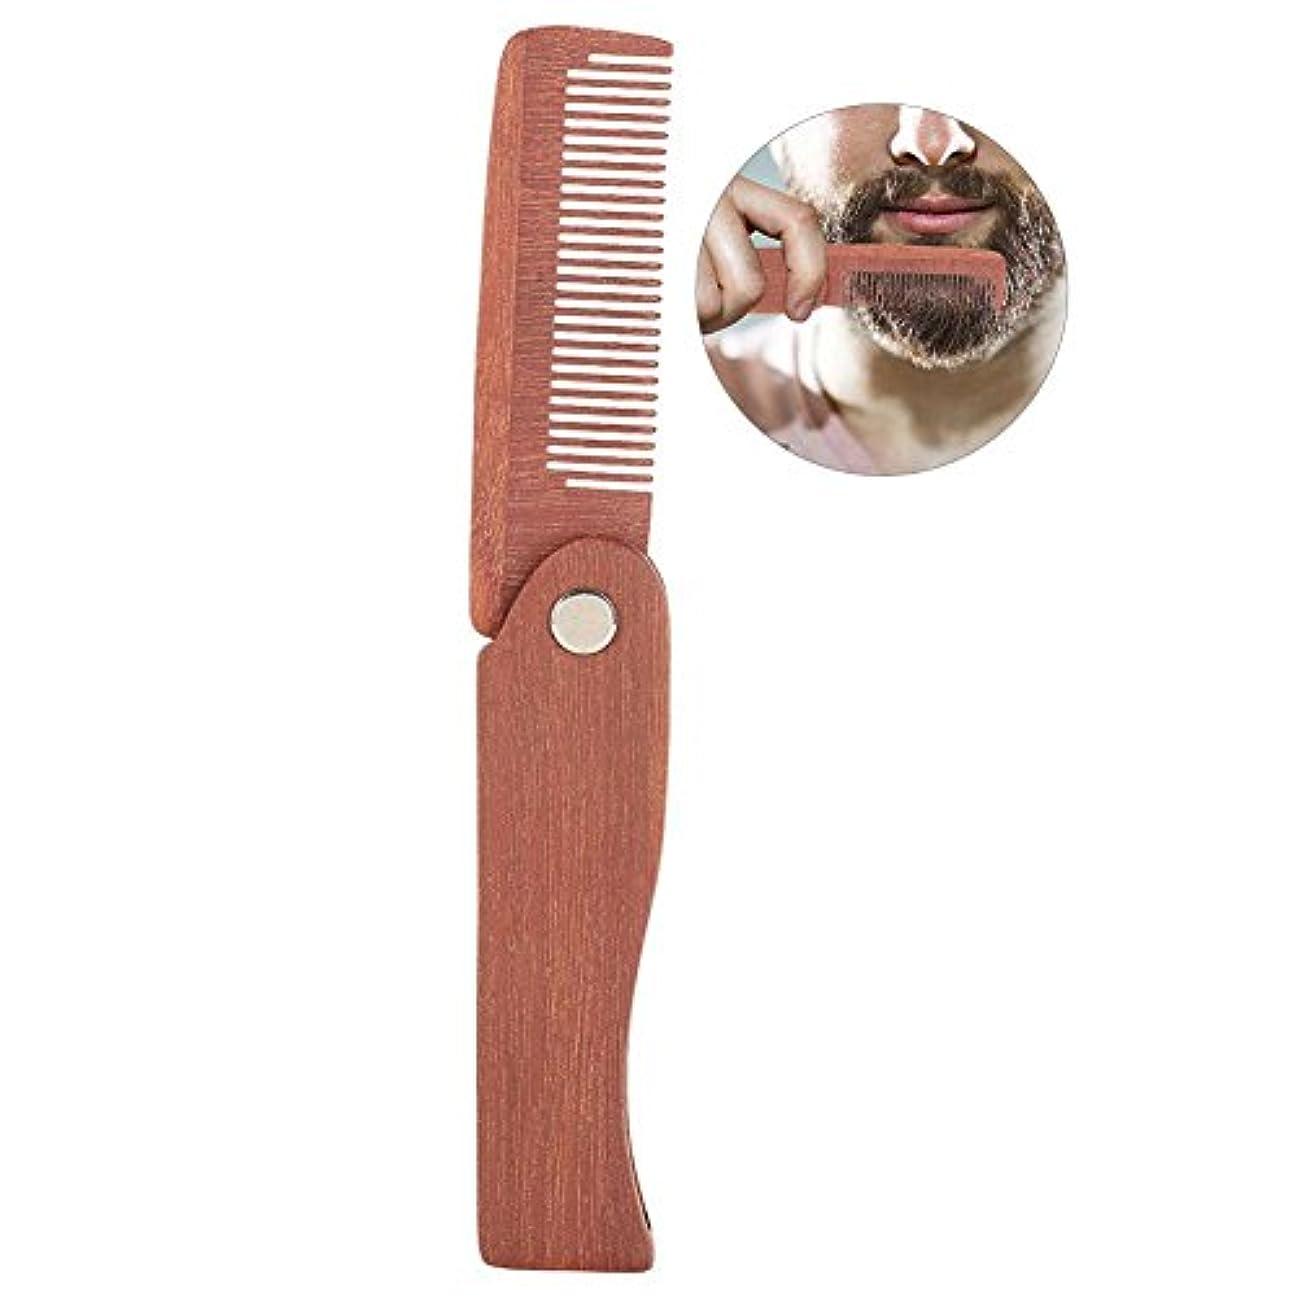 少なくとも象ジャンプする天然木の髭の櫛、折り畳みポケット ポータブル 口髭シェイプの櫛 メンズスタイリングくしツール 高級 ヘアケアブラシ 静電気防止 贈り物 旅行や日常使用